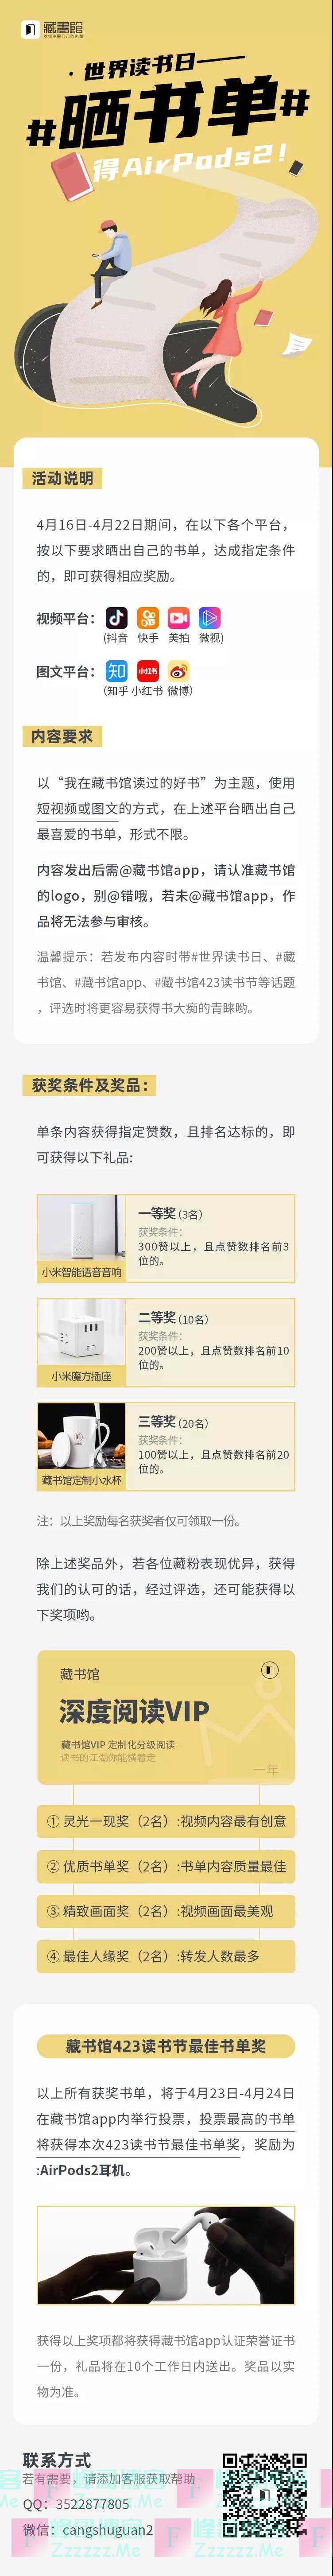 藏书馆服务有奖征集最强种草书单(截止4月22日)